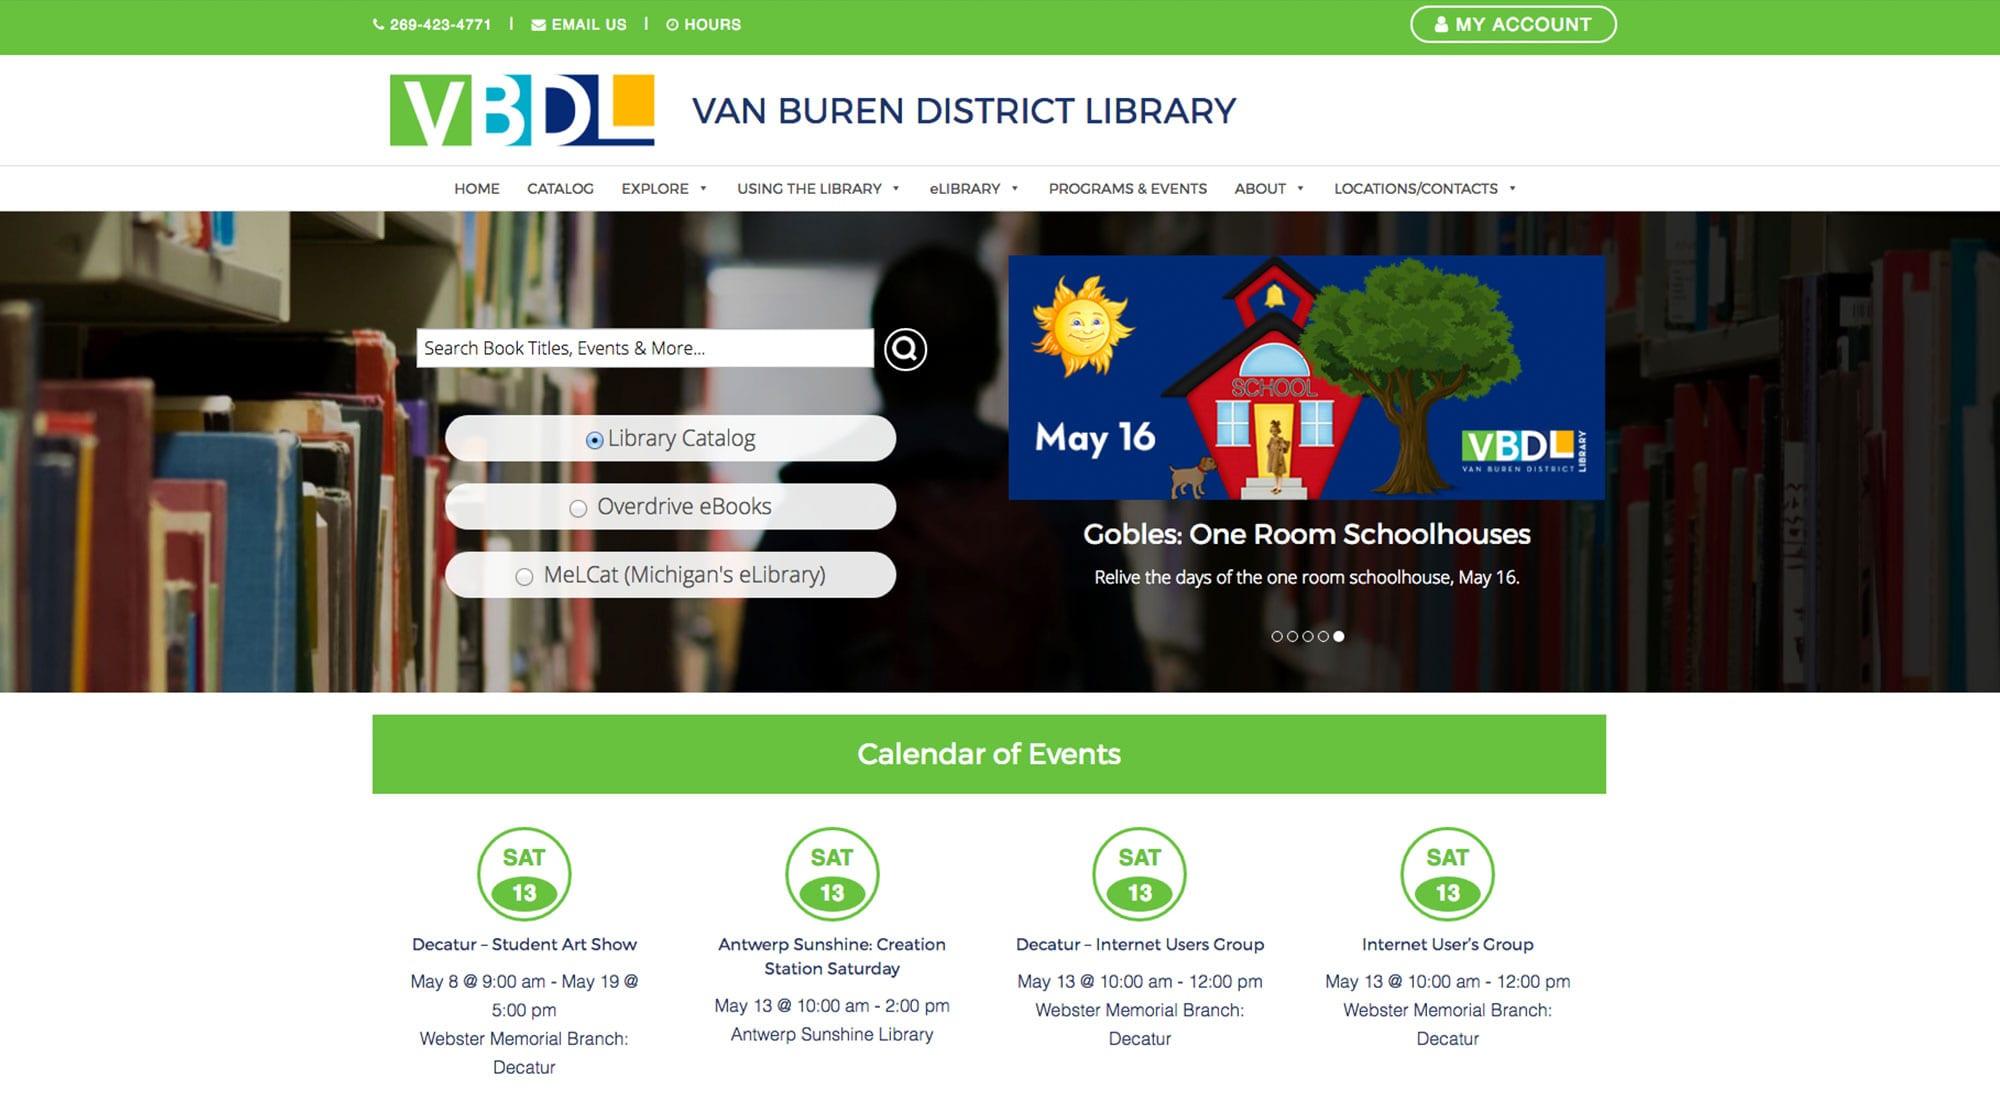 Van Buren District Library